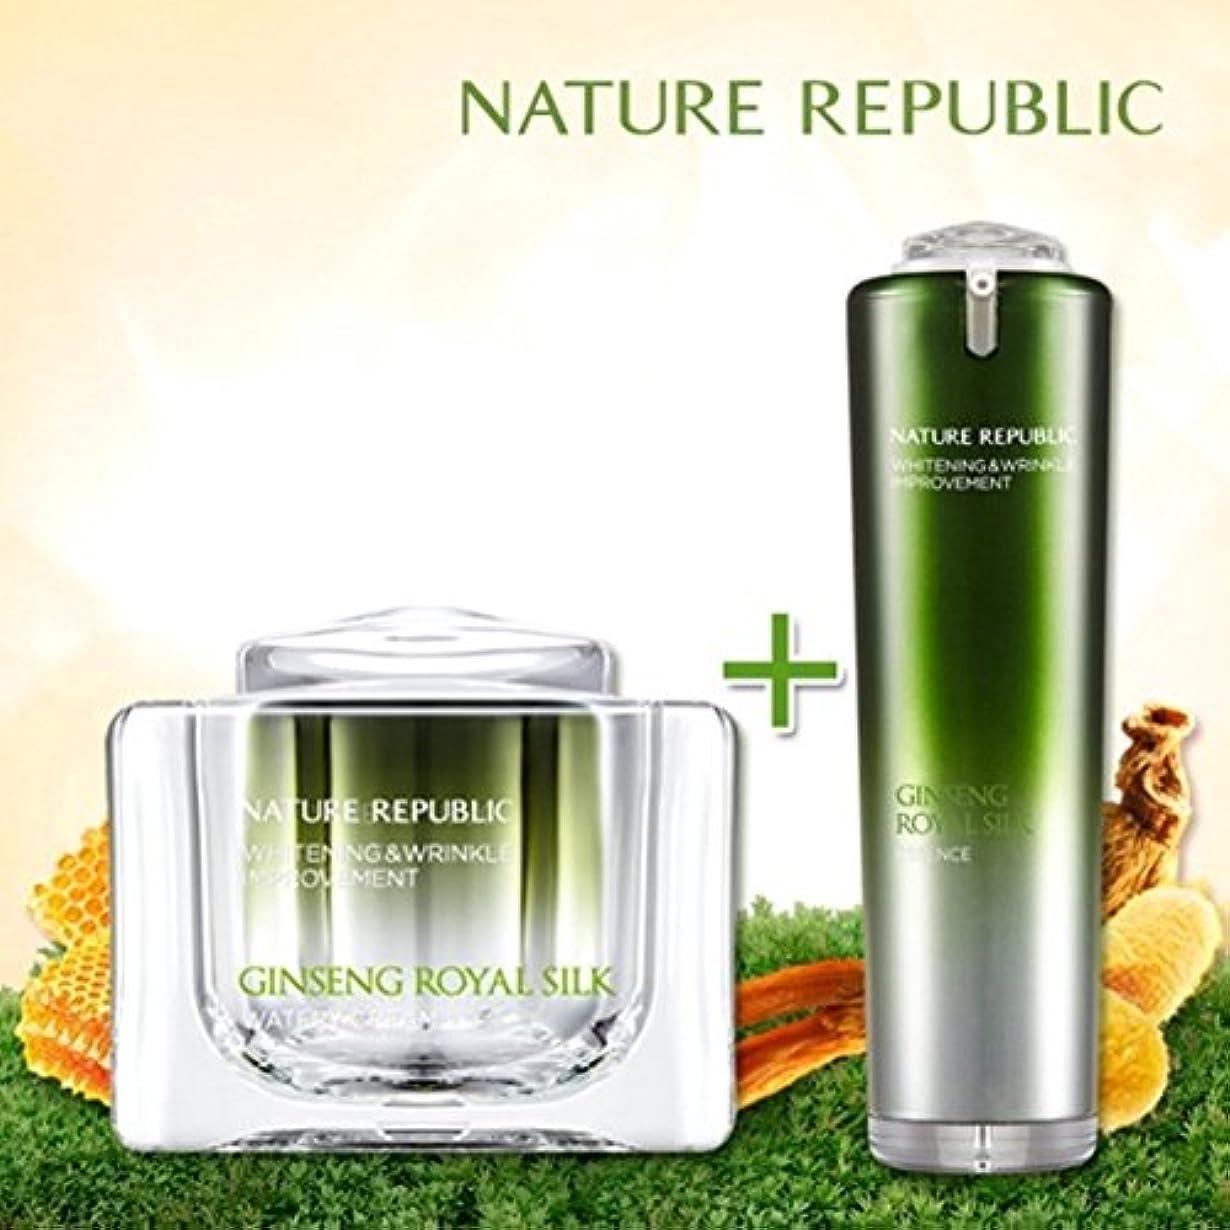 生産性生物学方程式NATURE REPUBLIC/高麗人参ロイヤルシルクウォーターリークリーム+エッセンス Nature Republic、Ginseng Royal silk Watery Cream+Essence(海外直送品)